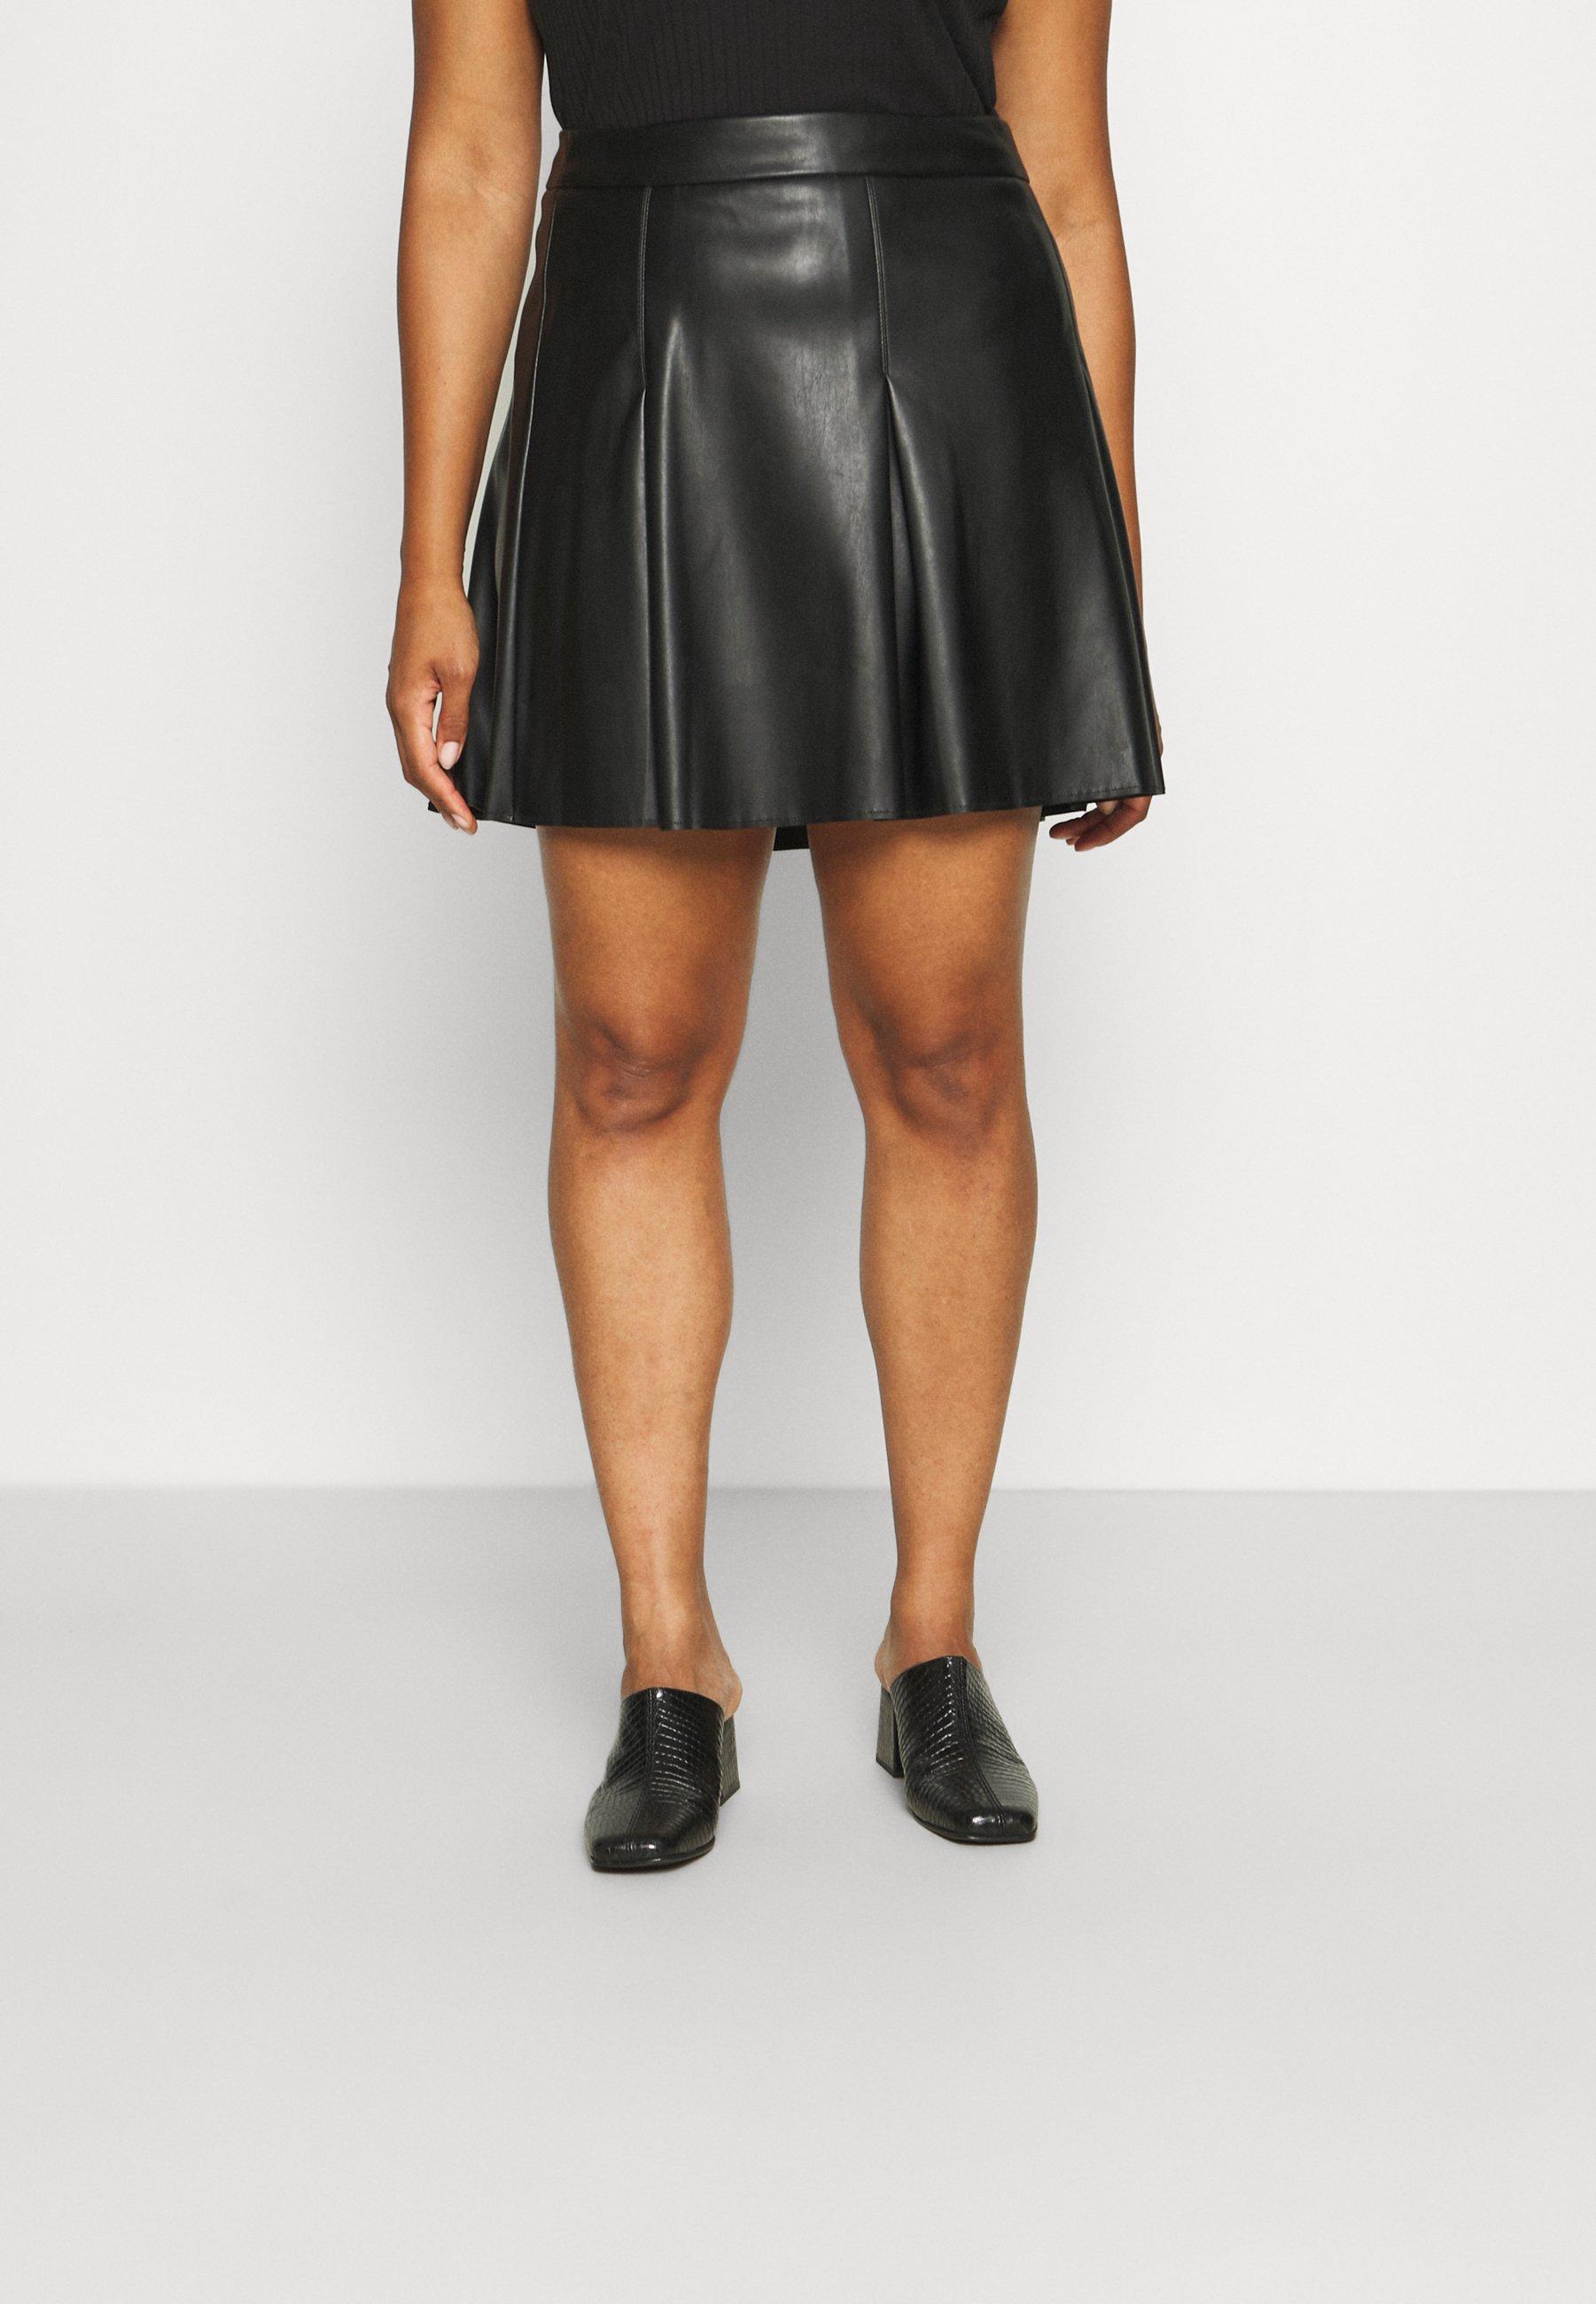 Femme VISYBILLE COATED SKIRT - Minijupe